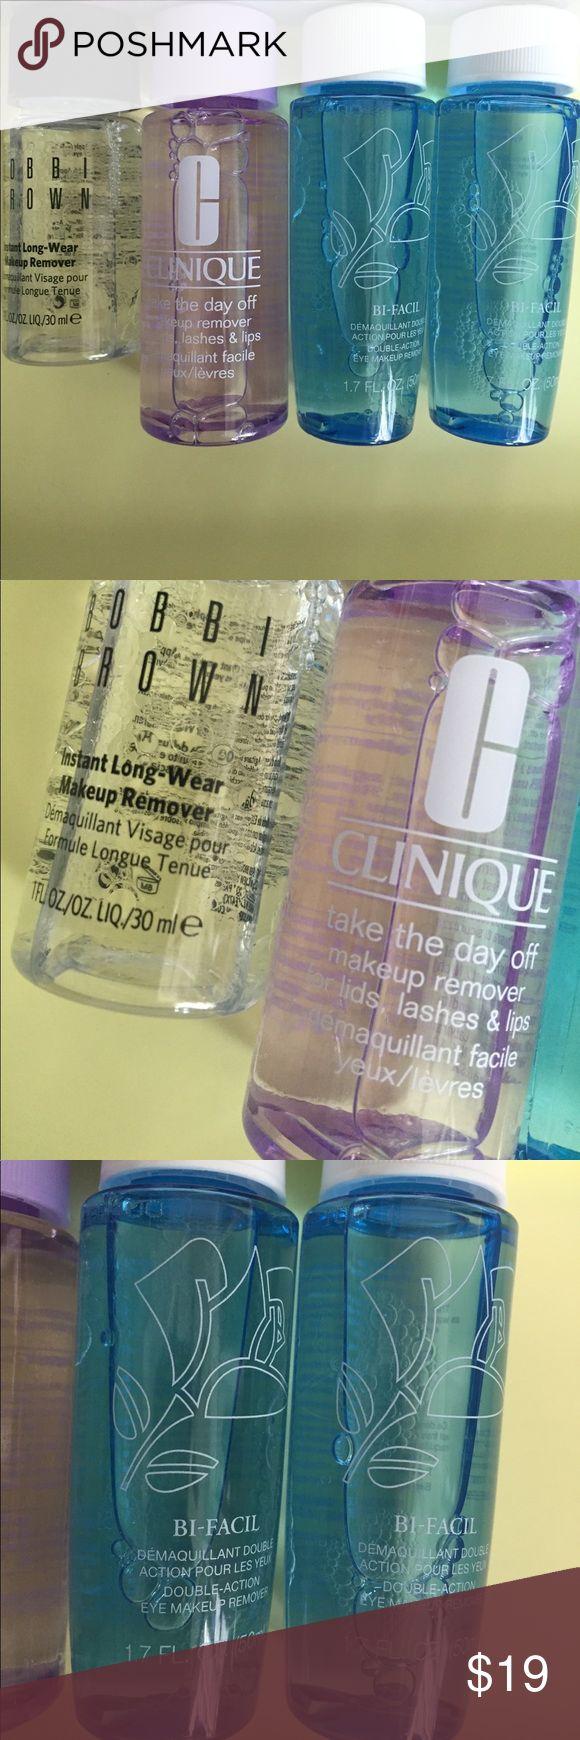 Eye makeup remover bundle. Lancôme, Bobbi brown All new